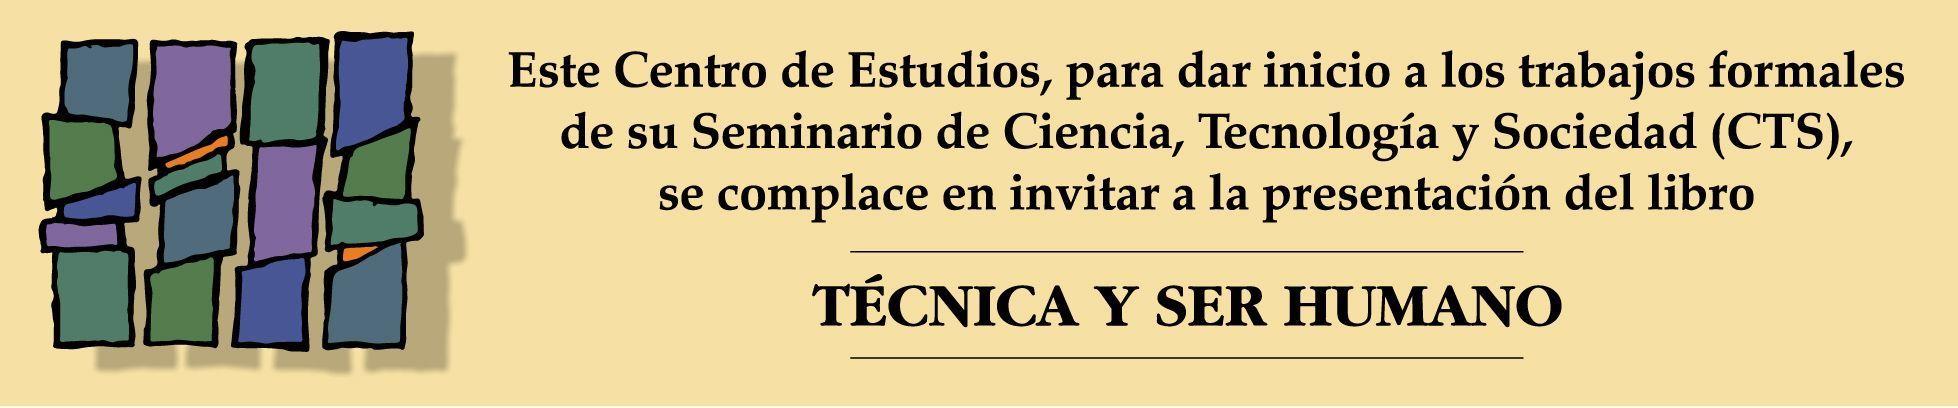 cabecera-tecnica-cts-01